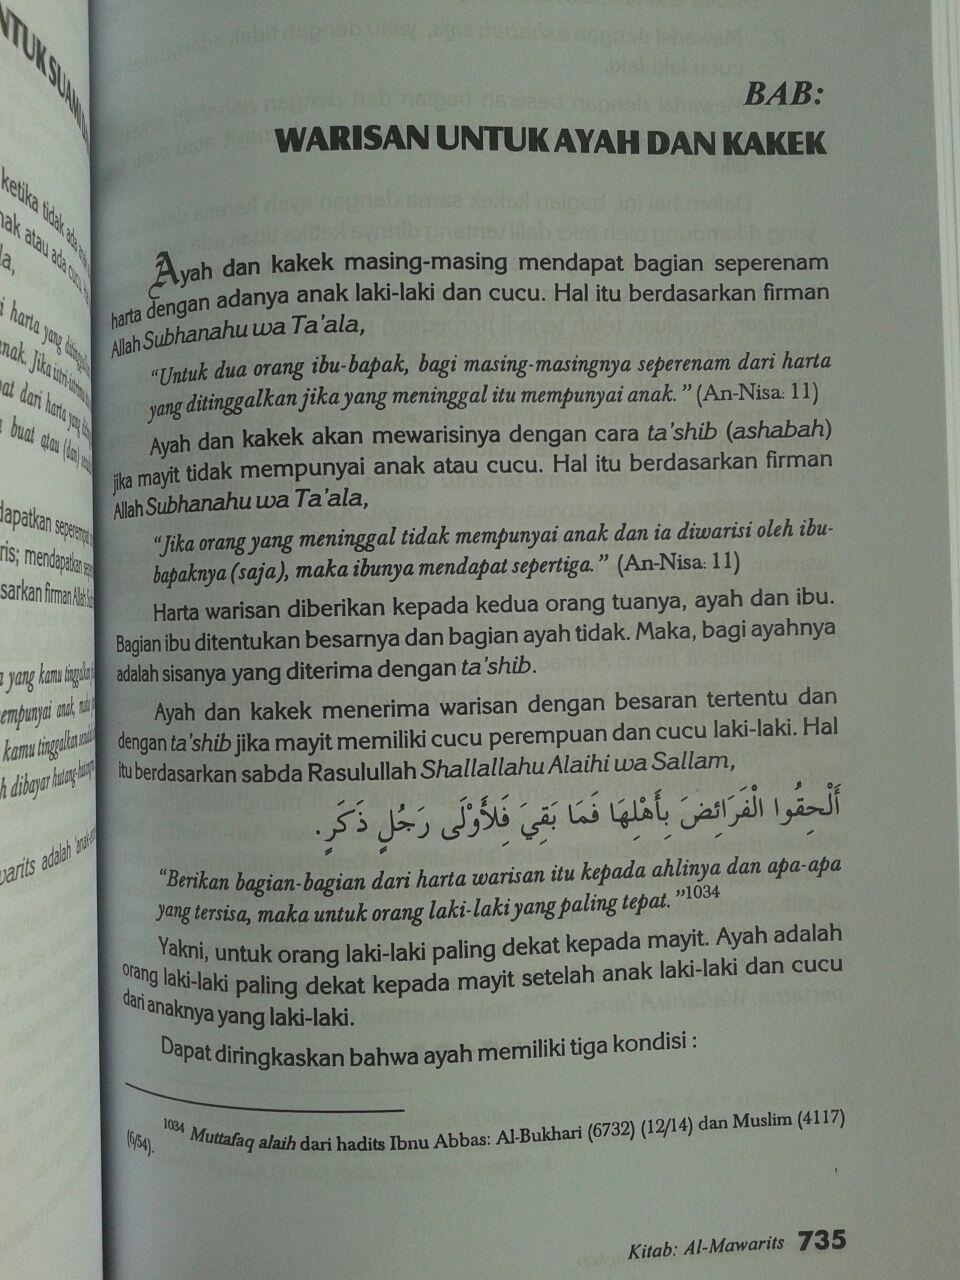 Buku Ringkasan Fikih Lengkap isi 2